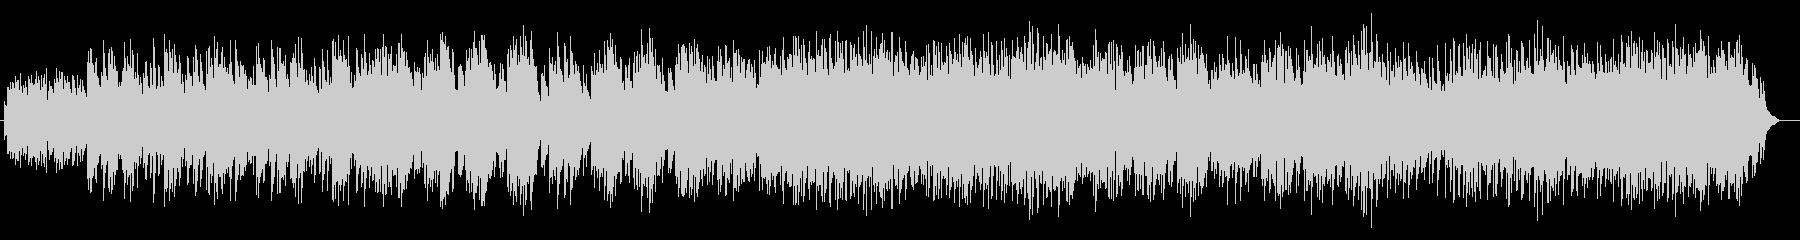 メロディアスでクラシカルなピアノバラードの未再生の波形